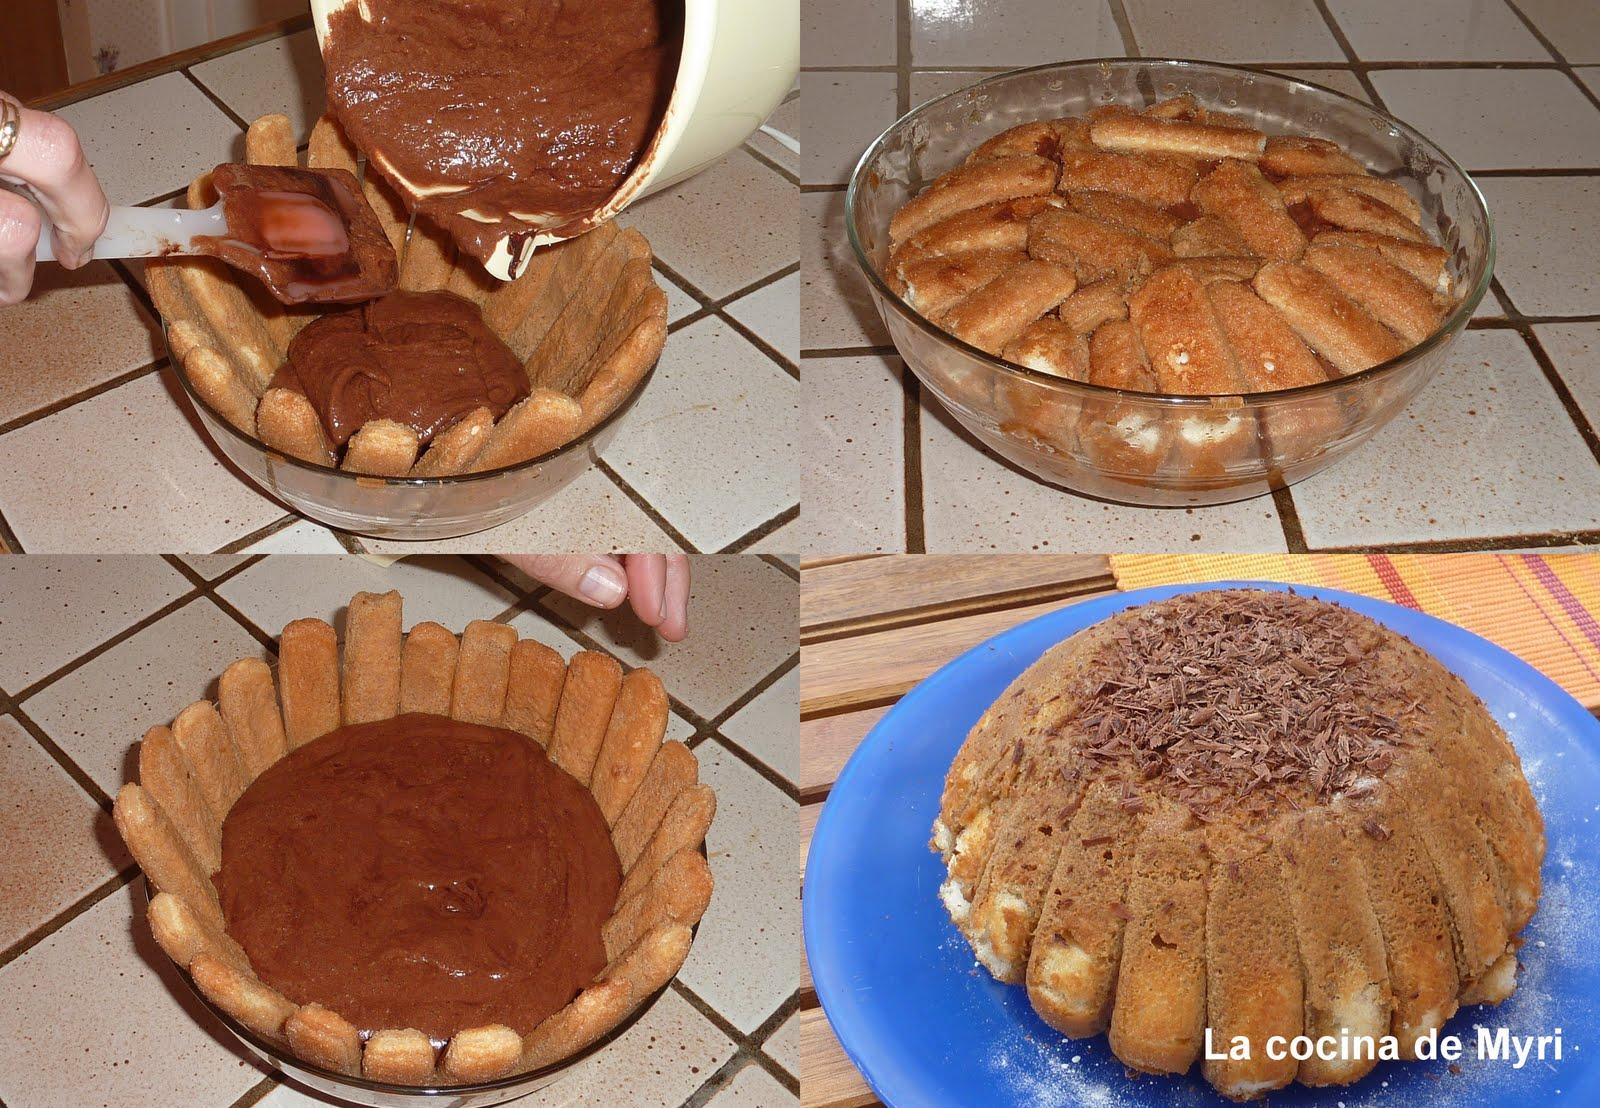 La cocina de myri charlotte charlota o carlota de for Utilisima cocina